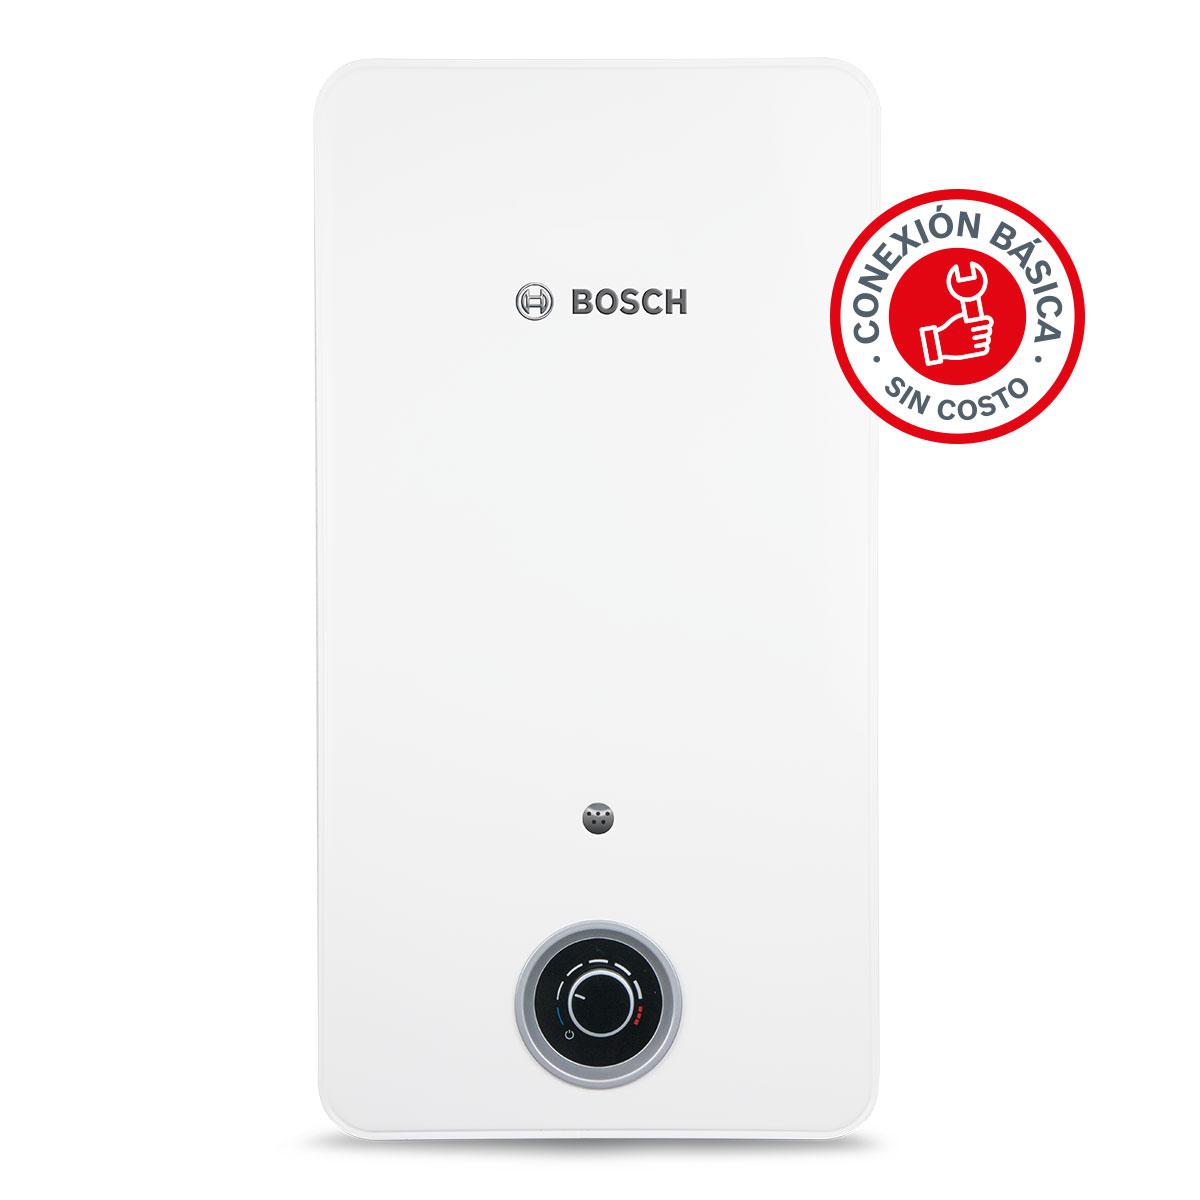 Calentador Paso Conexion Wi-fi 1 Servicio Balanz 7 Bosch